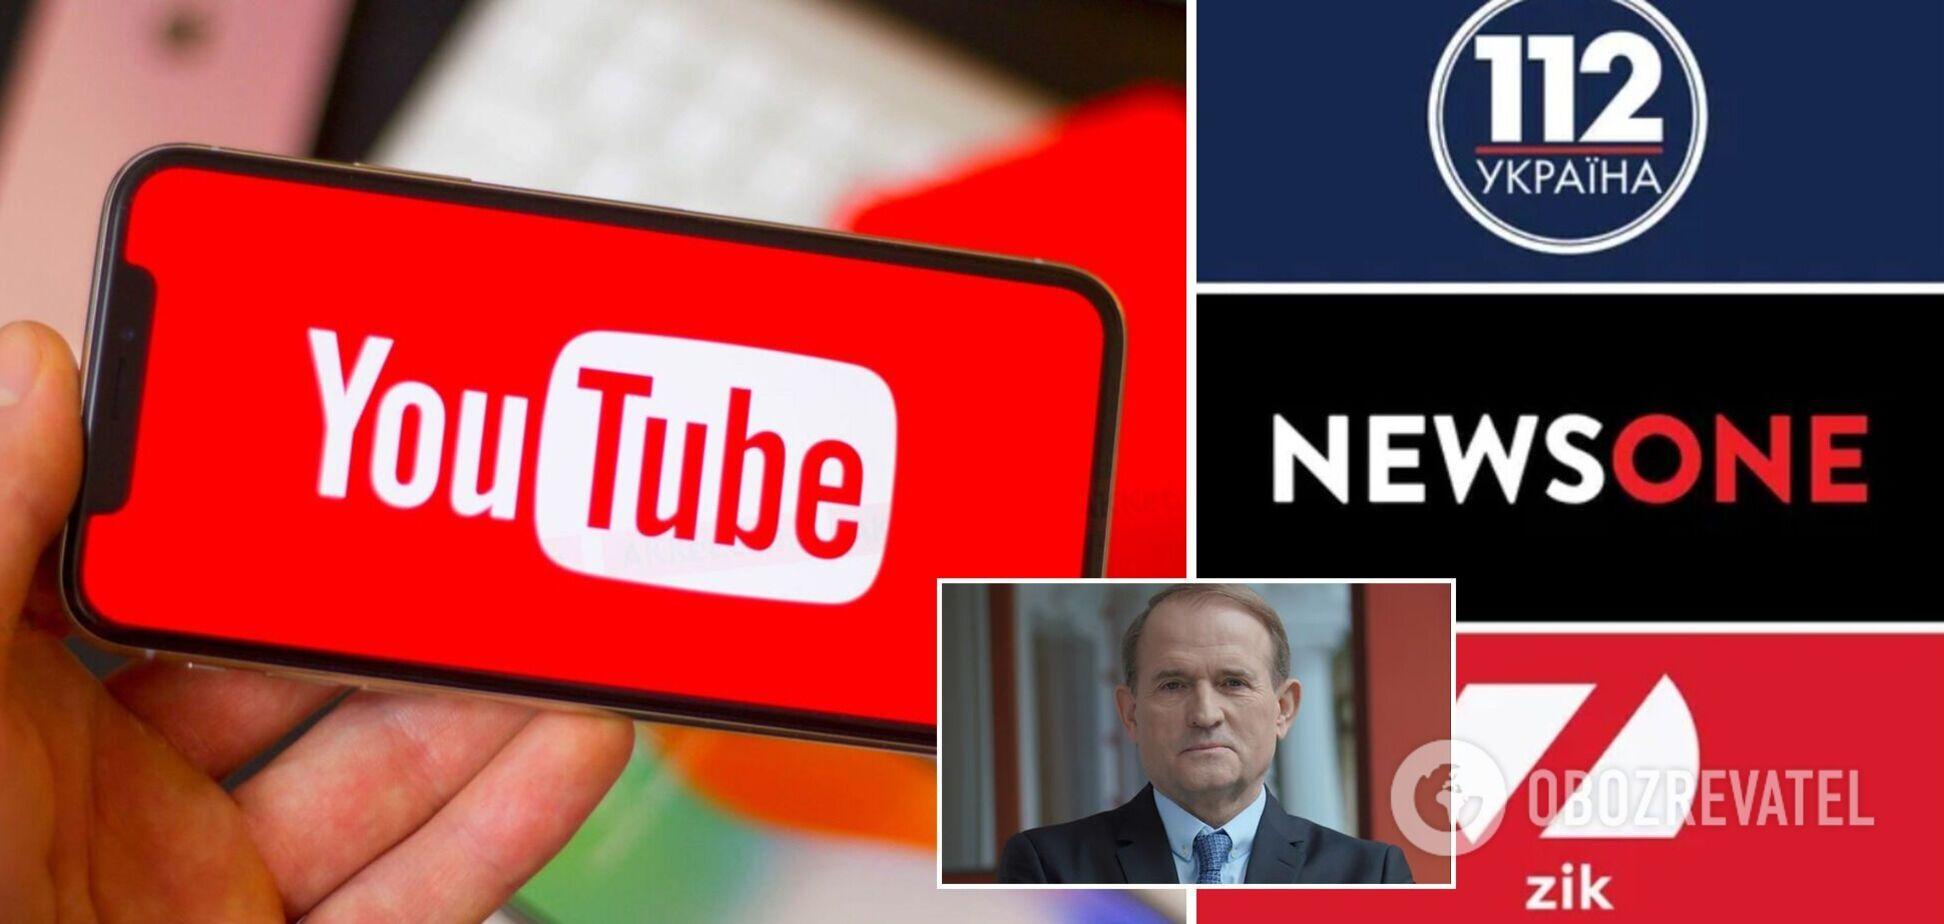 YouTube заблокировал подсанкционные каналы Медведчука: в Украине отреагировали